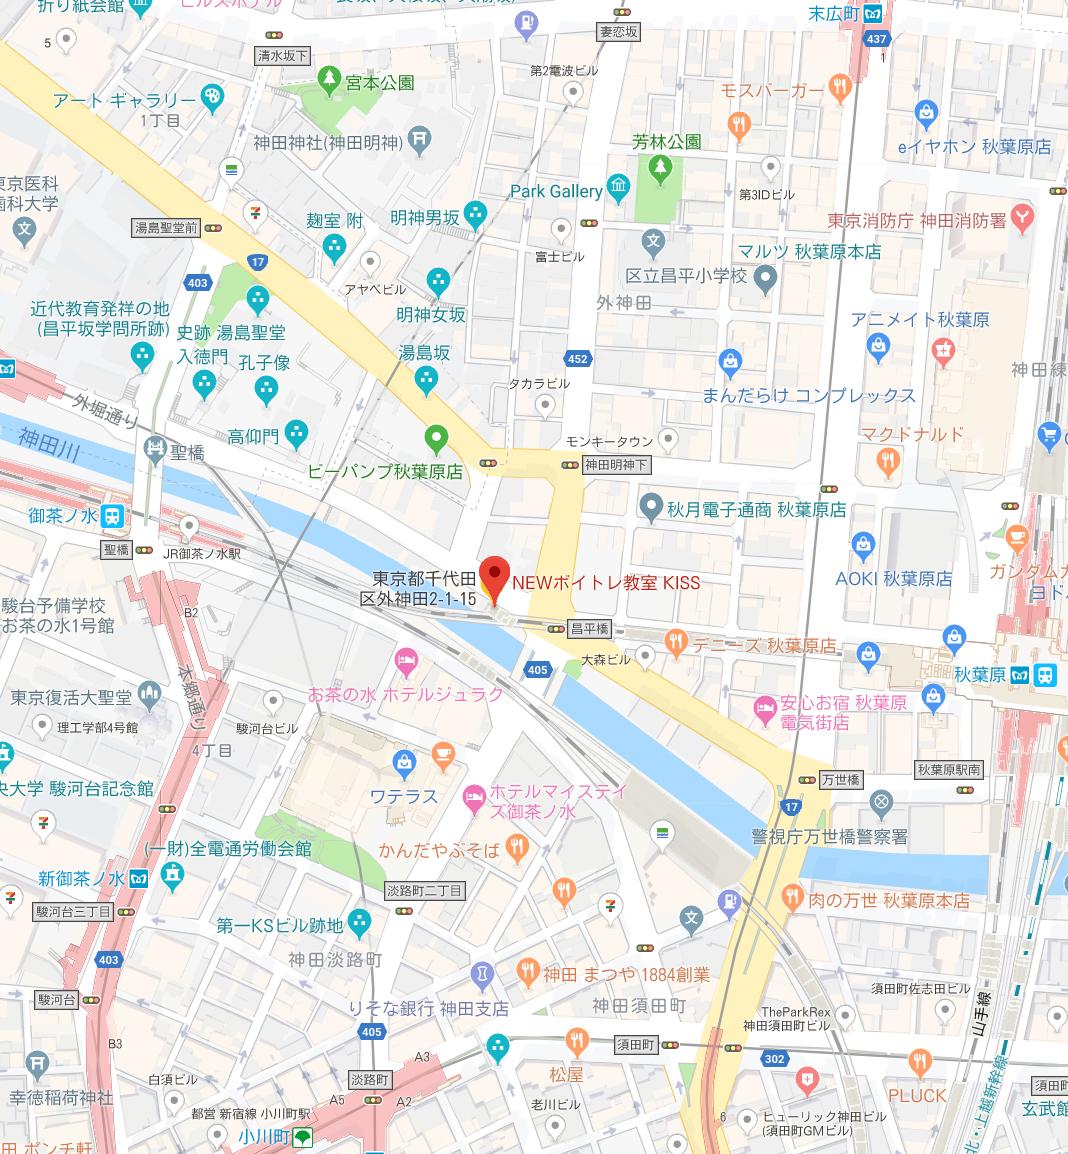 東京ボイトレ教室KISS